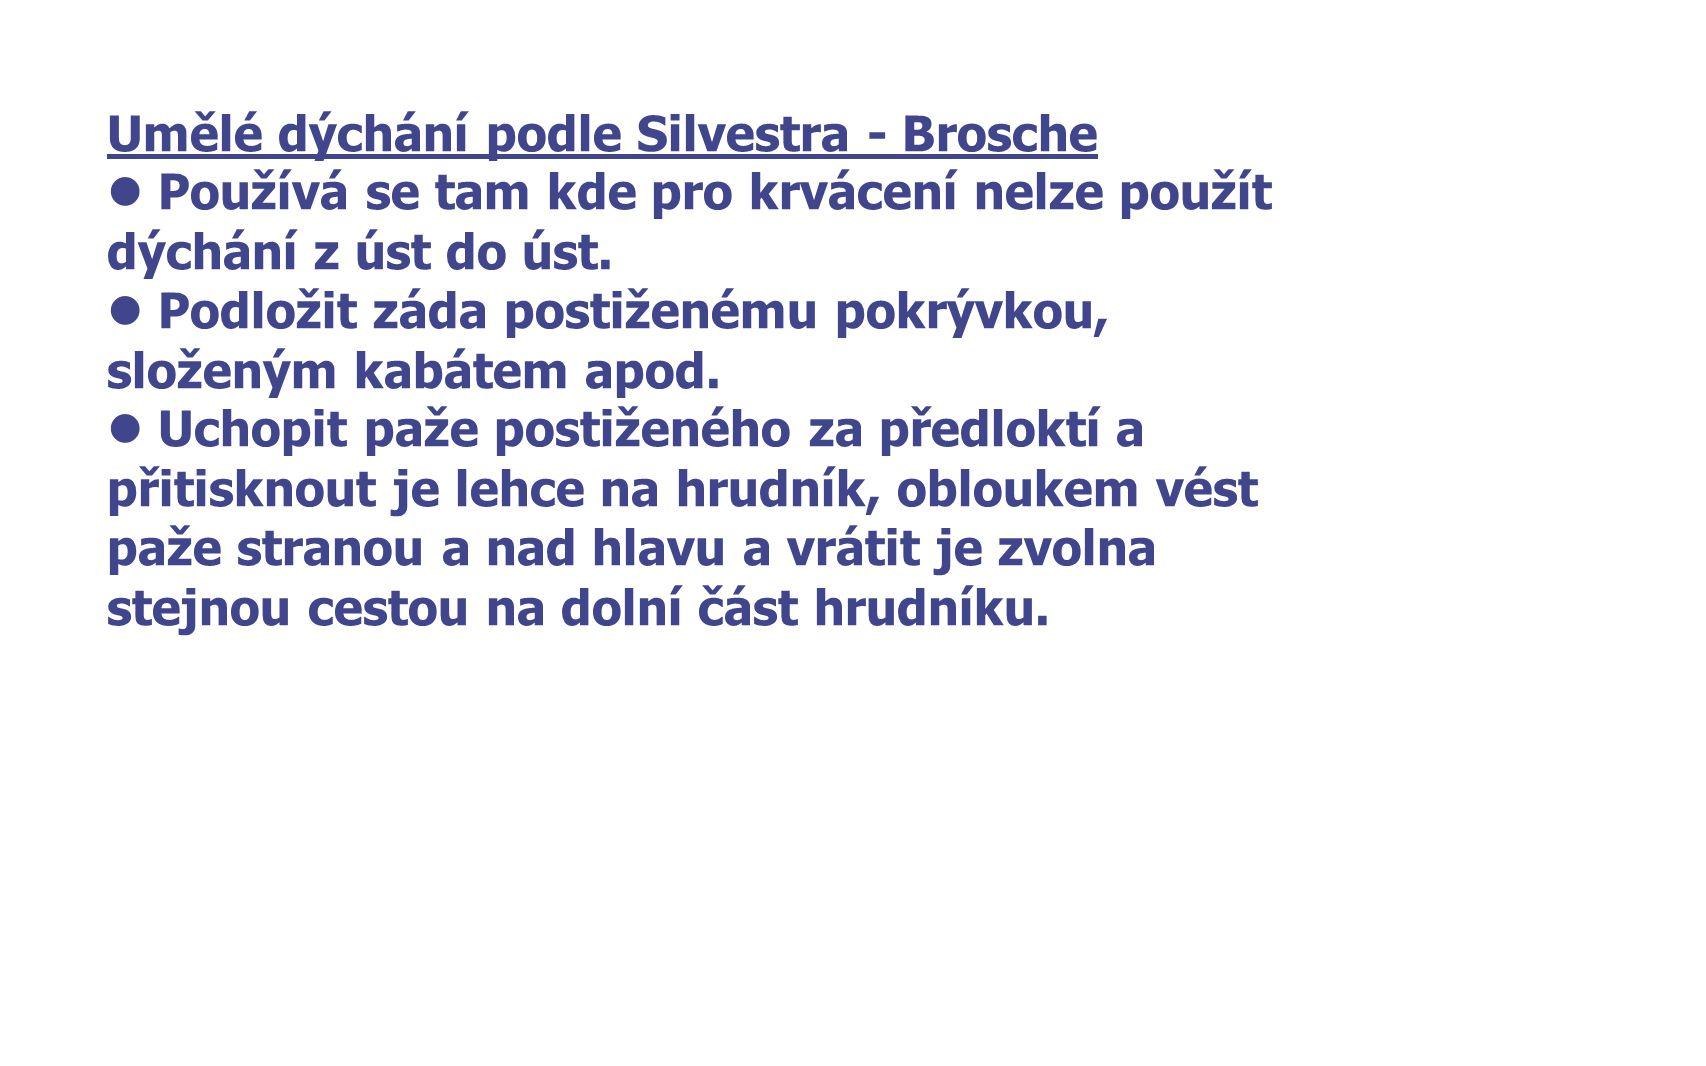 Umělé dýchání podle Silvestra - Brosche Používá se tam kde pro krvácení nelze použít dýchání z úst do úst. Podložit záda postiženému pokrývkou, složen